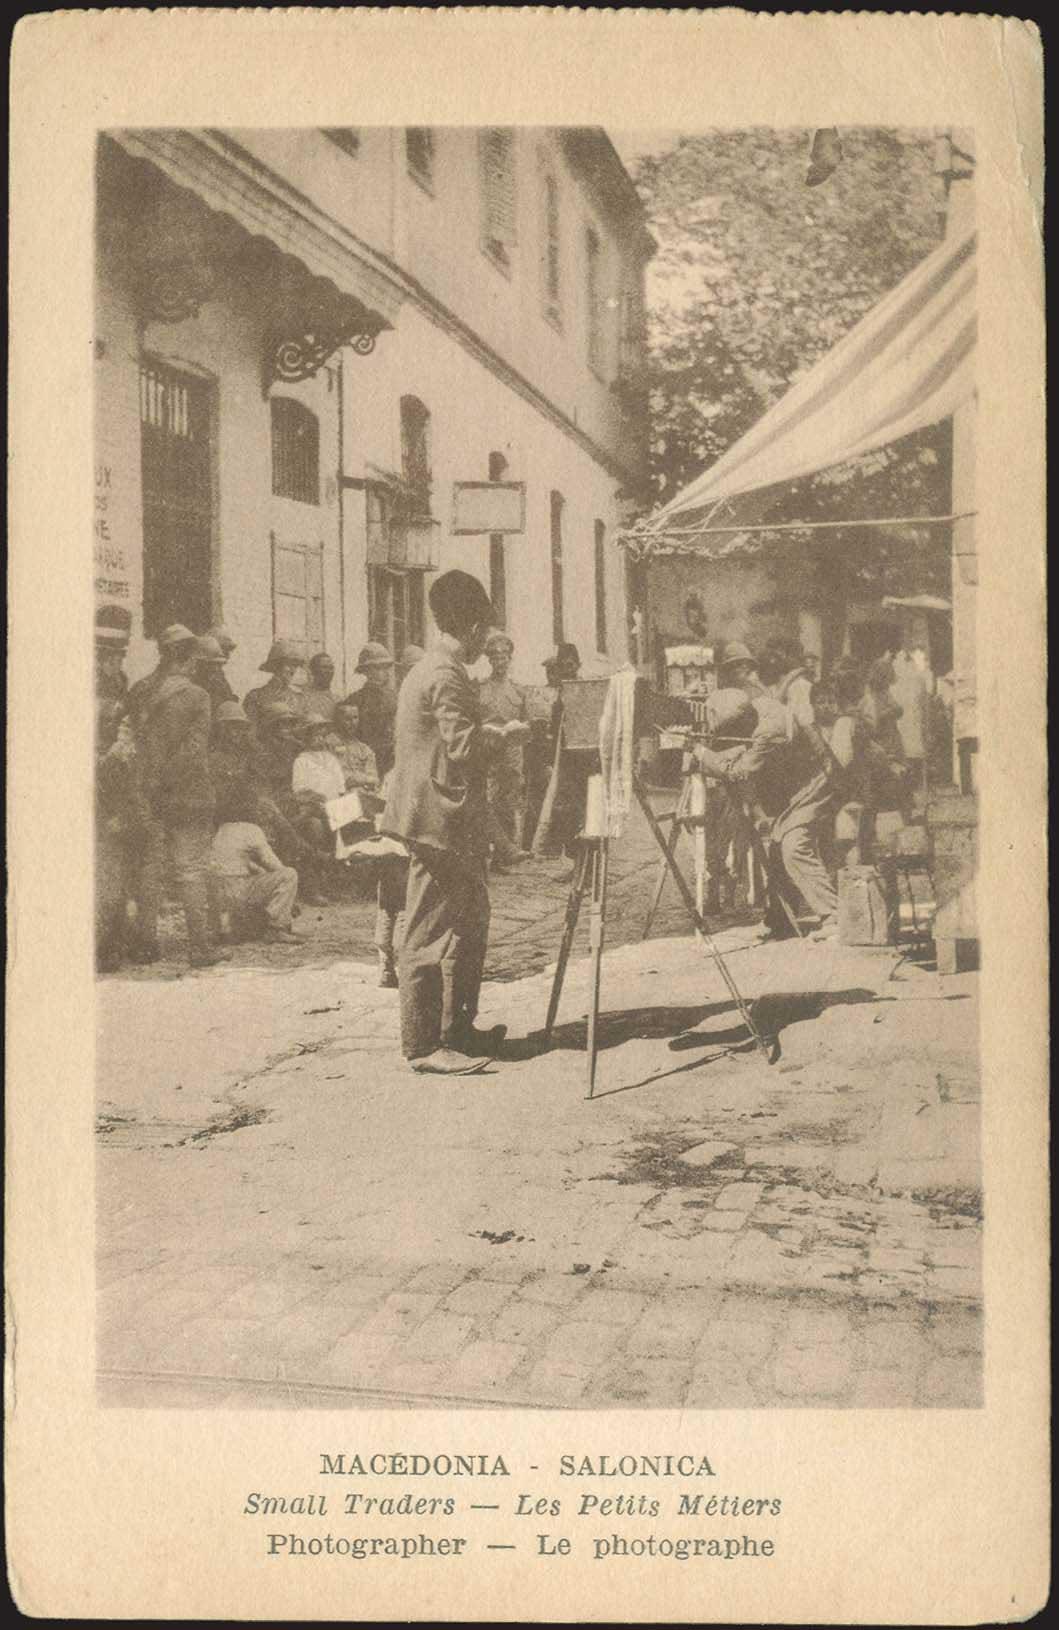 Lot 1404 - -  PICTURE POSTCARDS Thessaloniki (Salonica) -  A. Karamitsos Public Auction № 670 General Sale